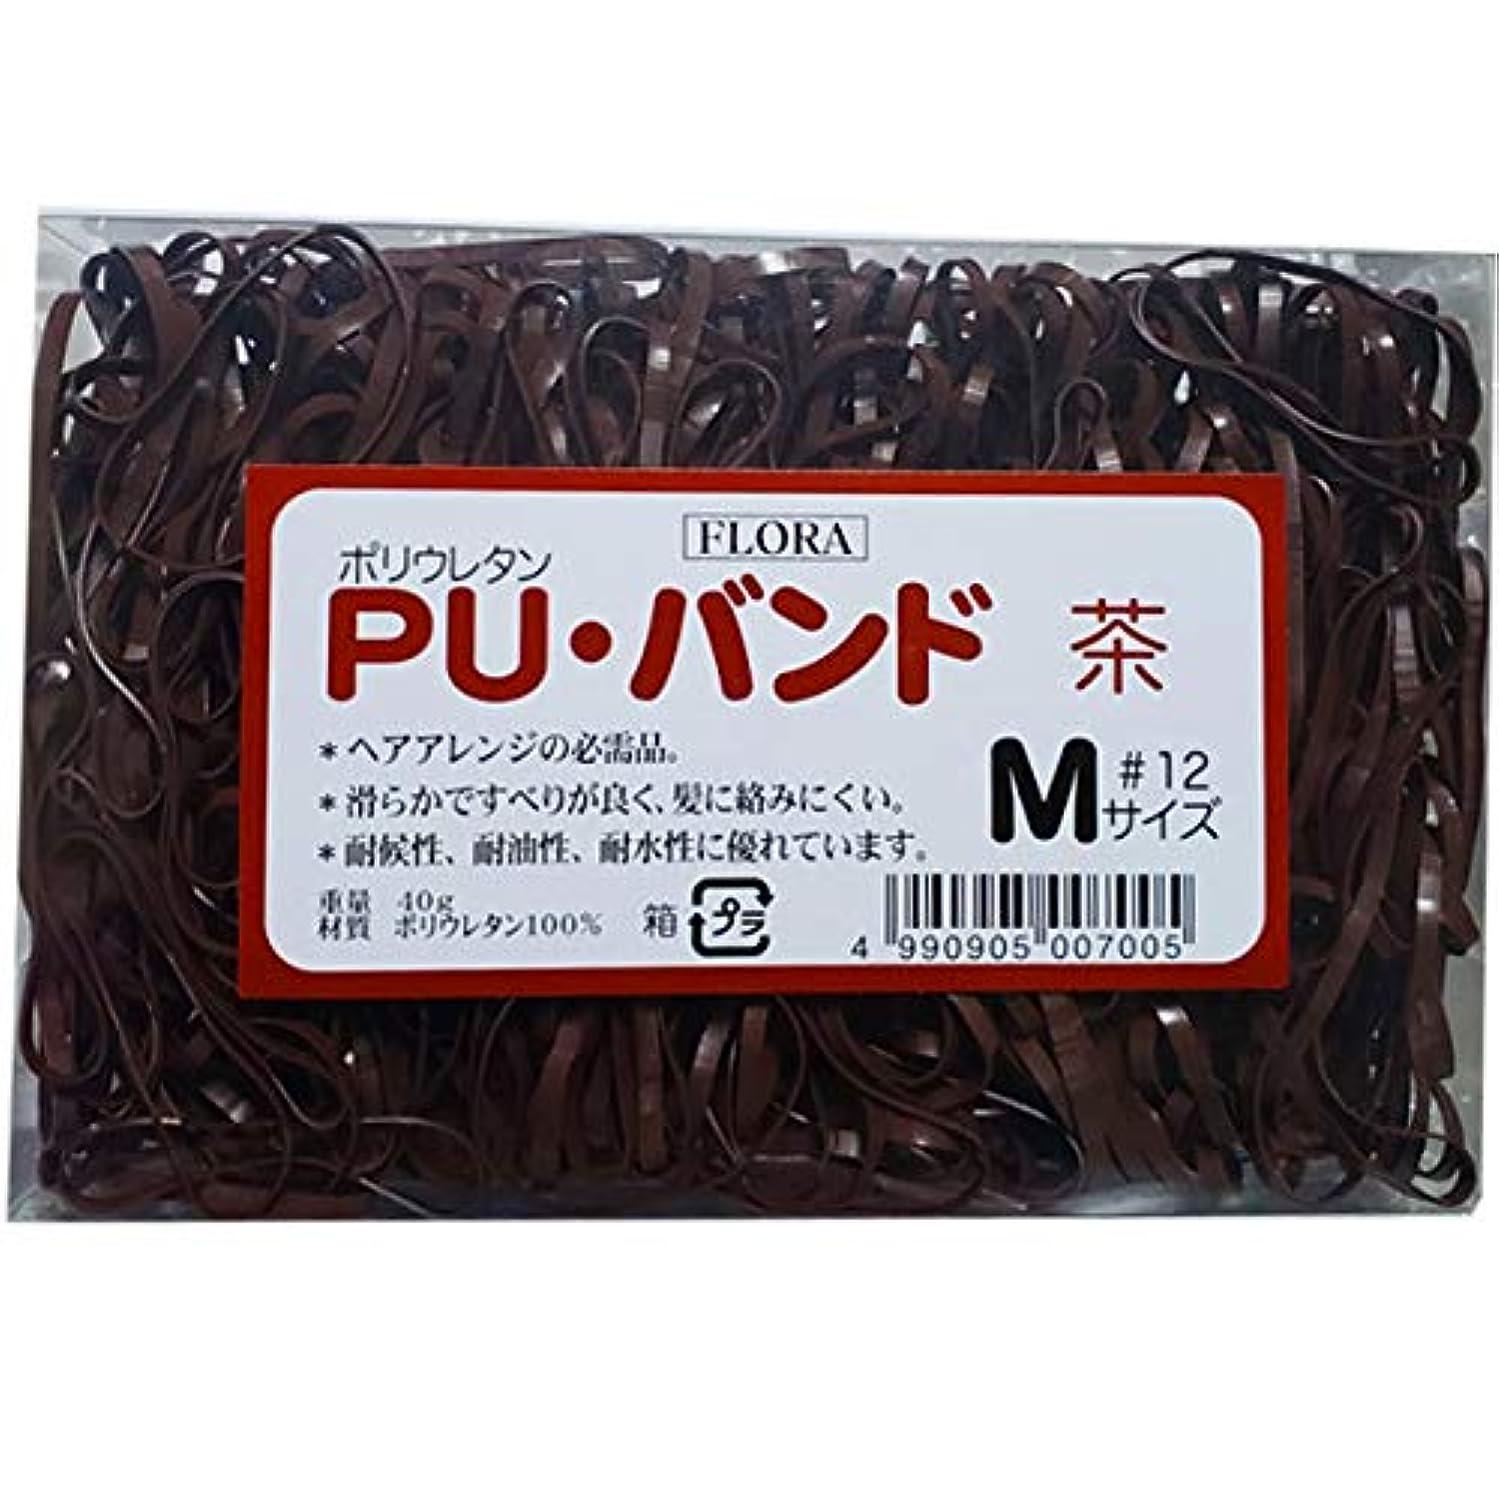 とんでもない赤制限されたローレル フローラ PU バンド 内容量40g #12 (茶)